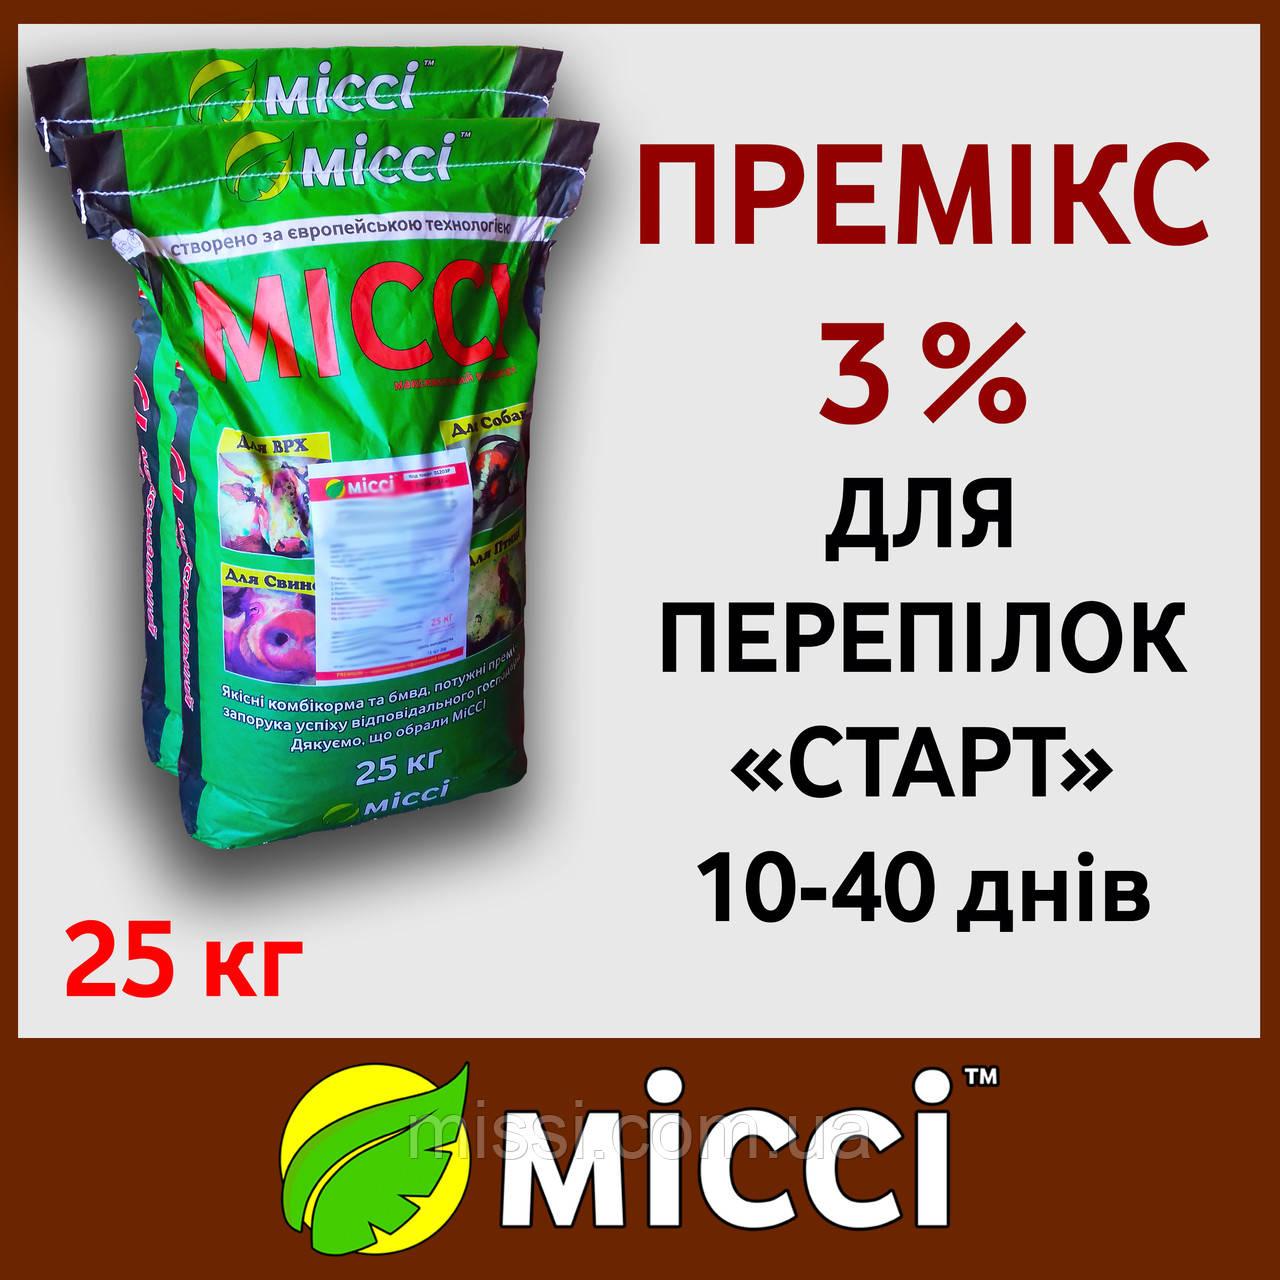 Премікс Перепілка СТАРТ 3% (10-40 днів) Міссі